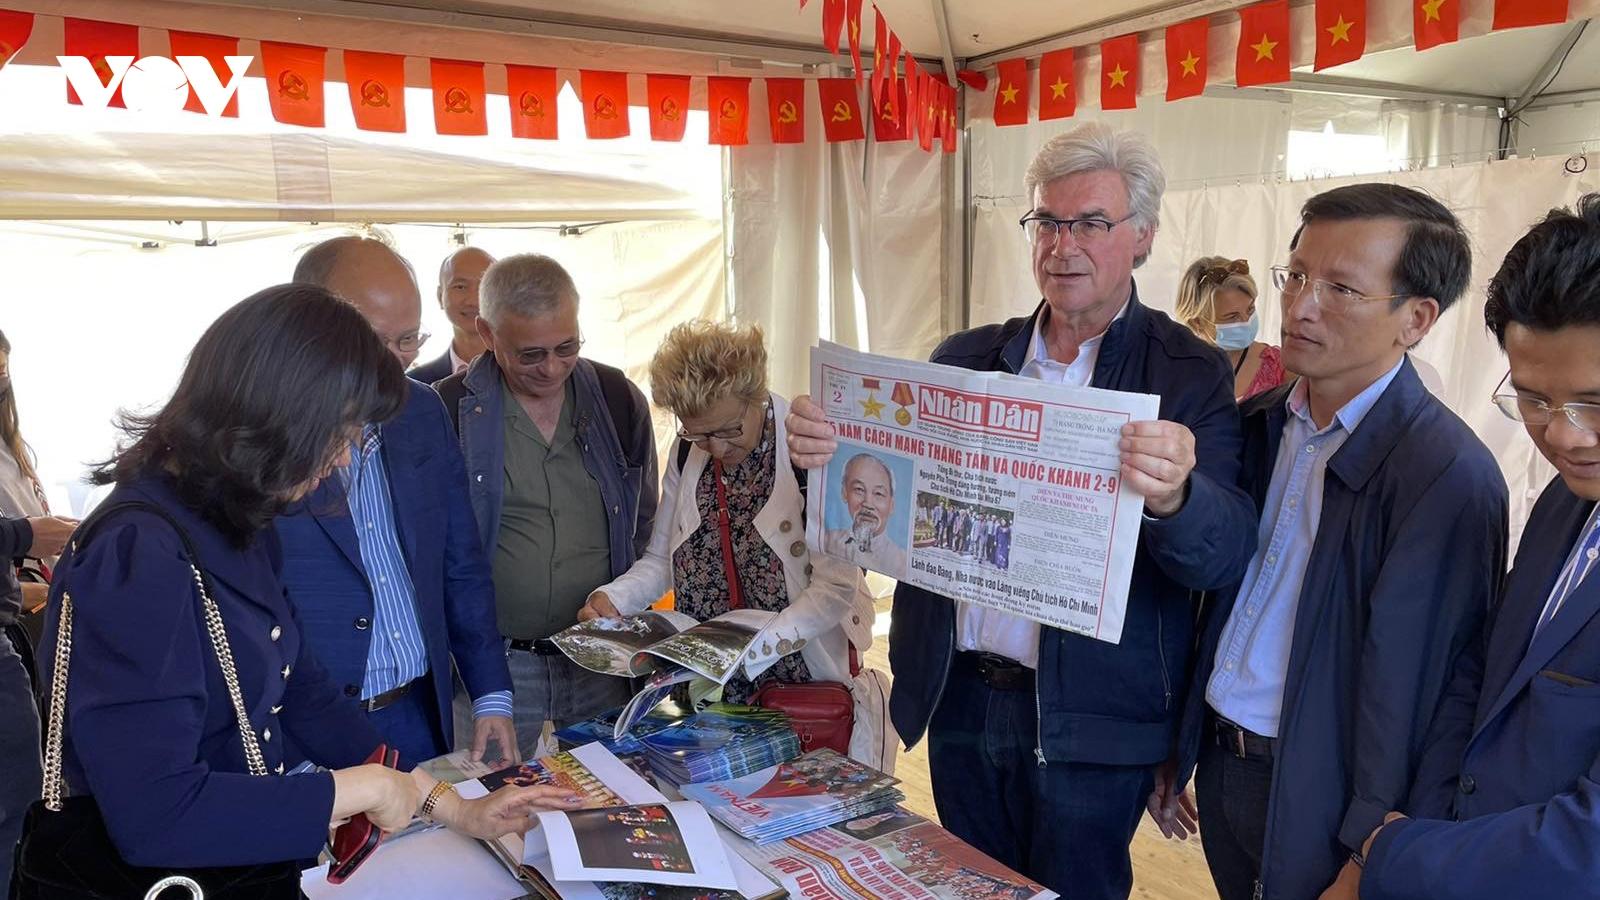 Báo Nhân Dân tham dự Hội báo Nhân đạo Pháp sau 1 năm gián đoạn vì Covid-19